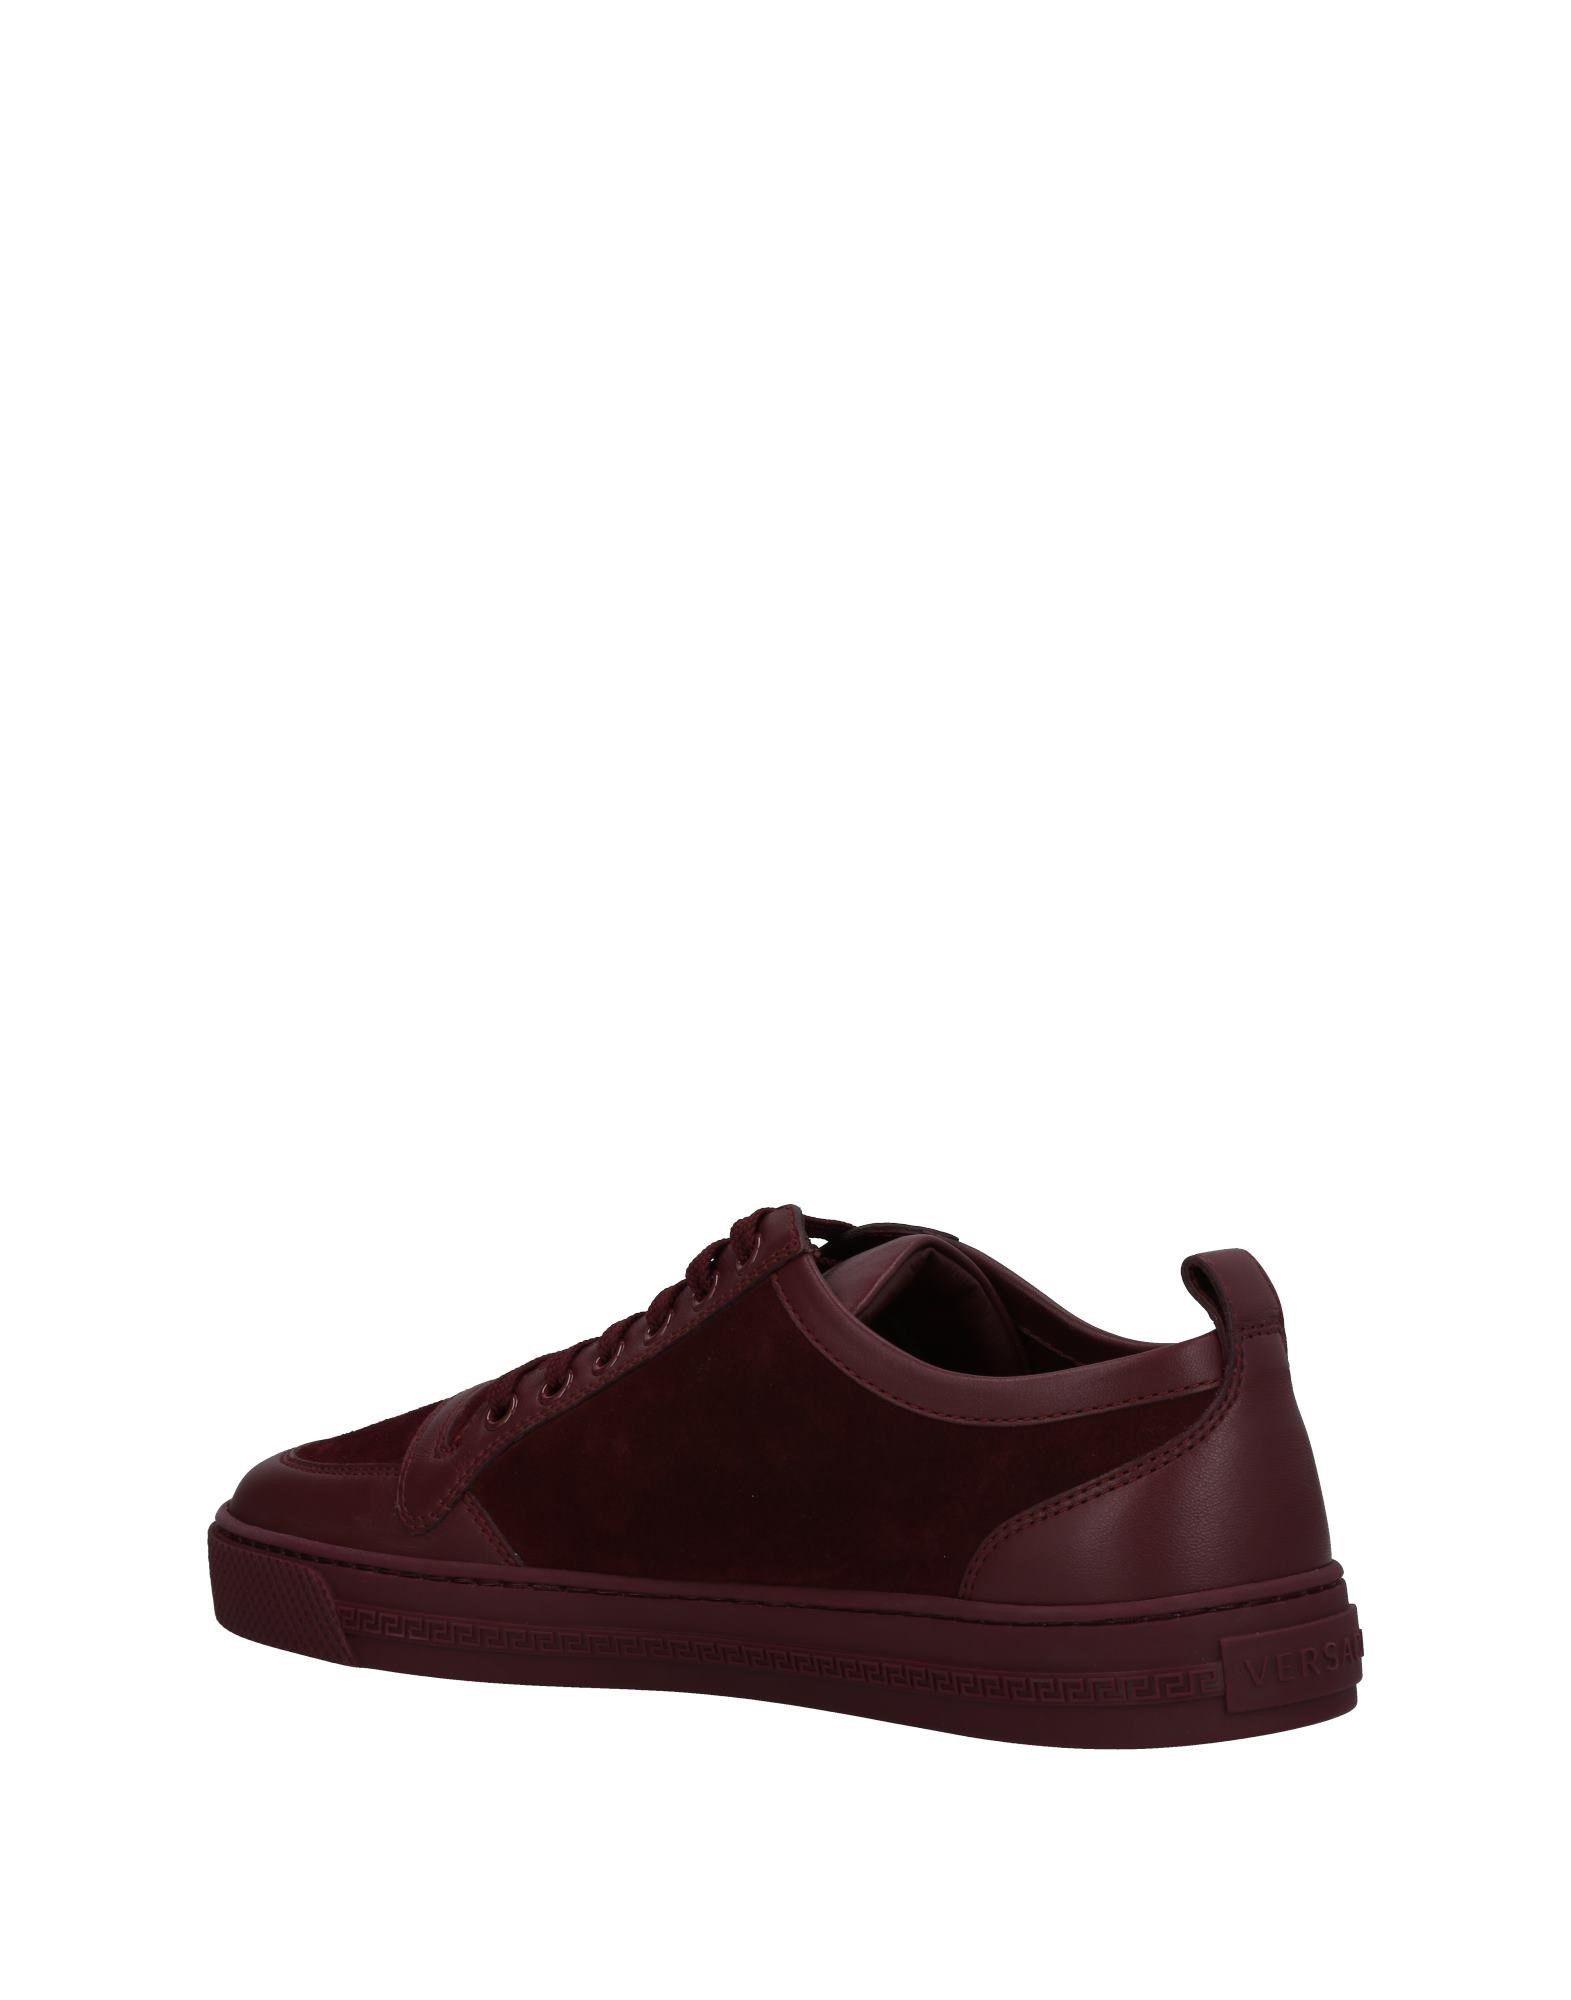 Versace Sneakers Herren beliebte  11461272AN Gute Qualität beliebte Herren Schuhe 82b506